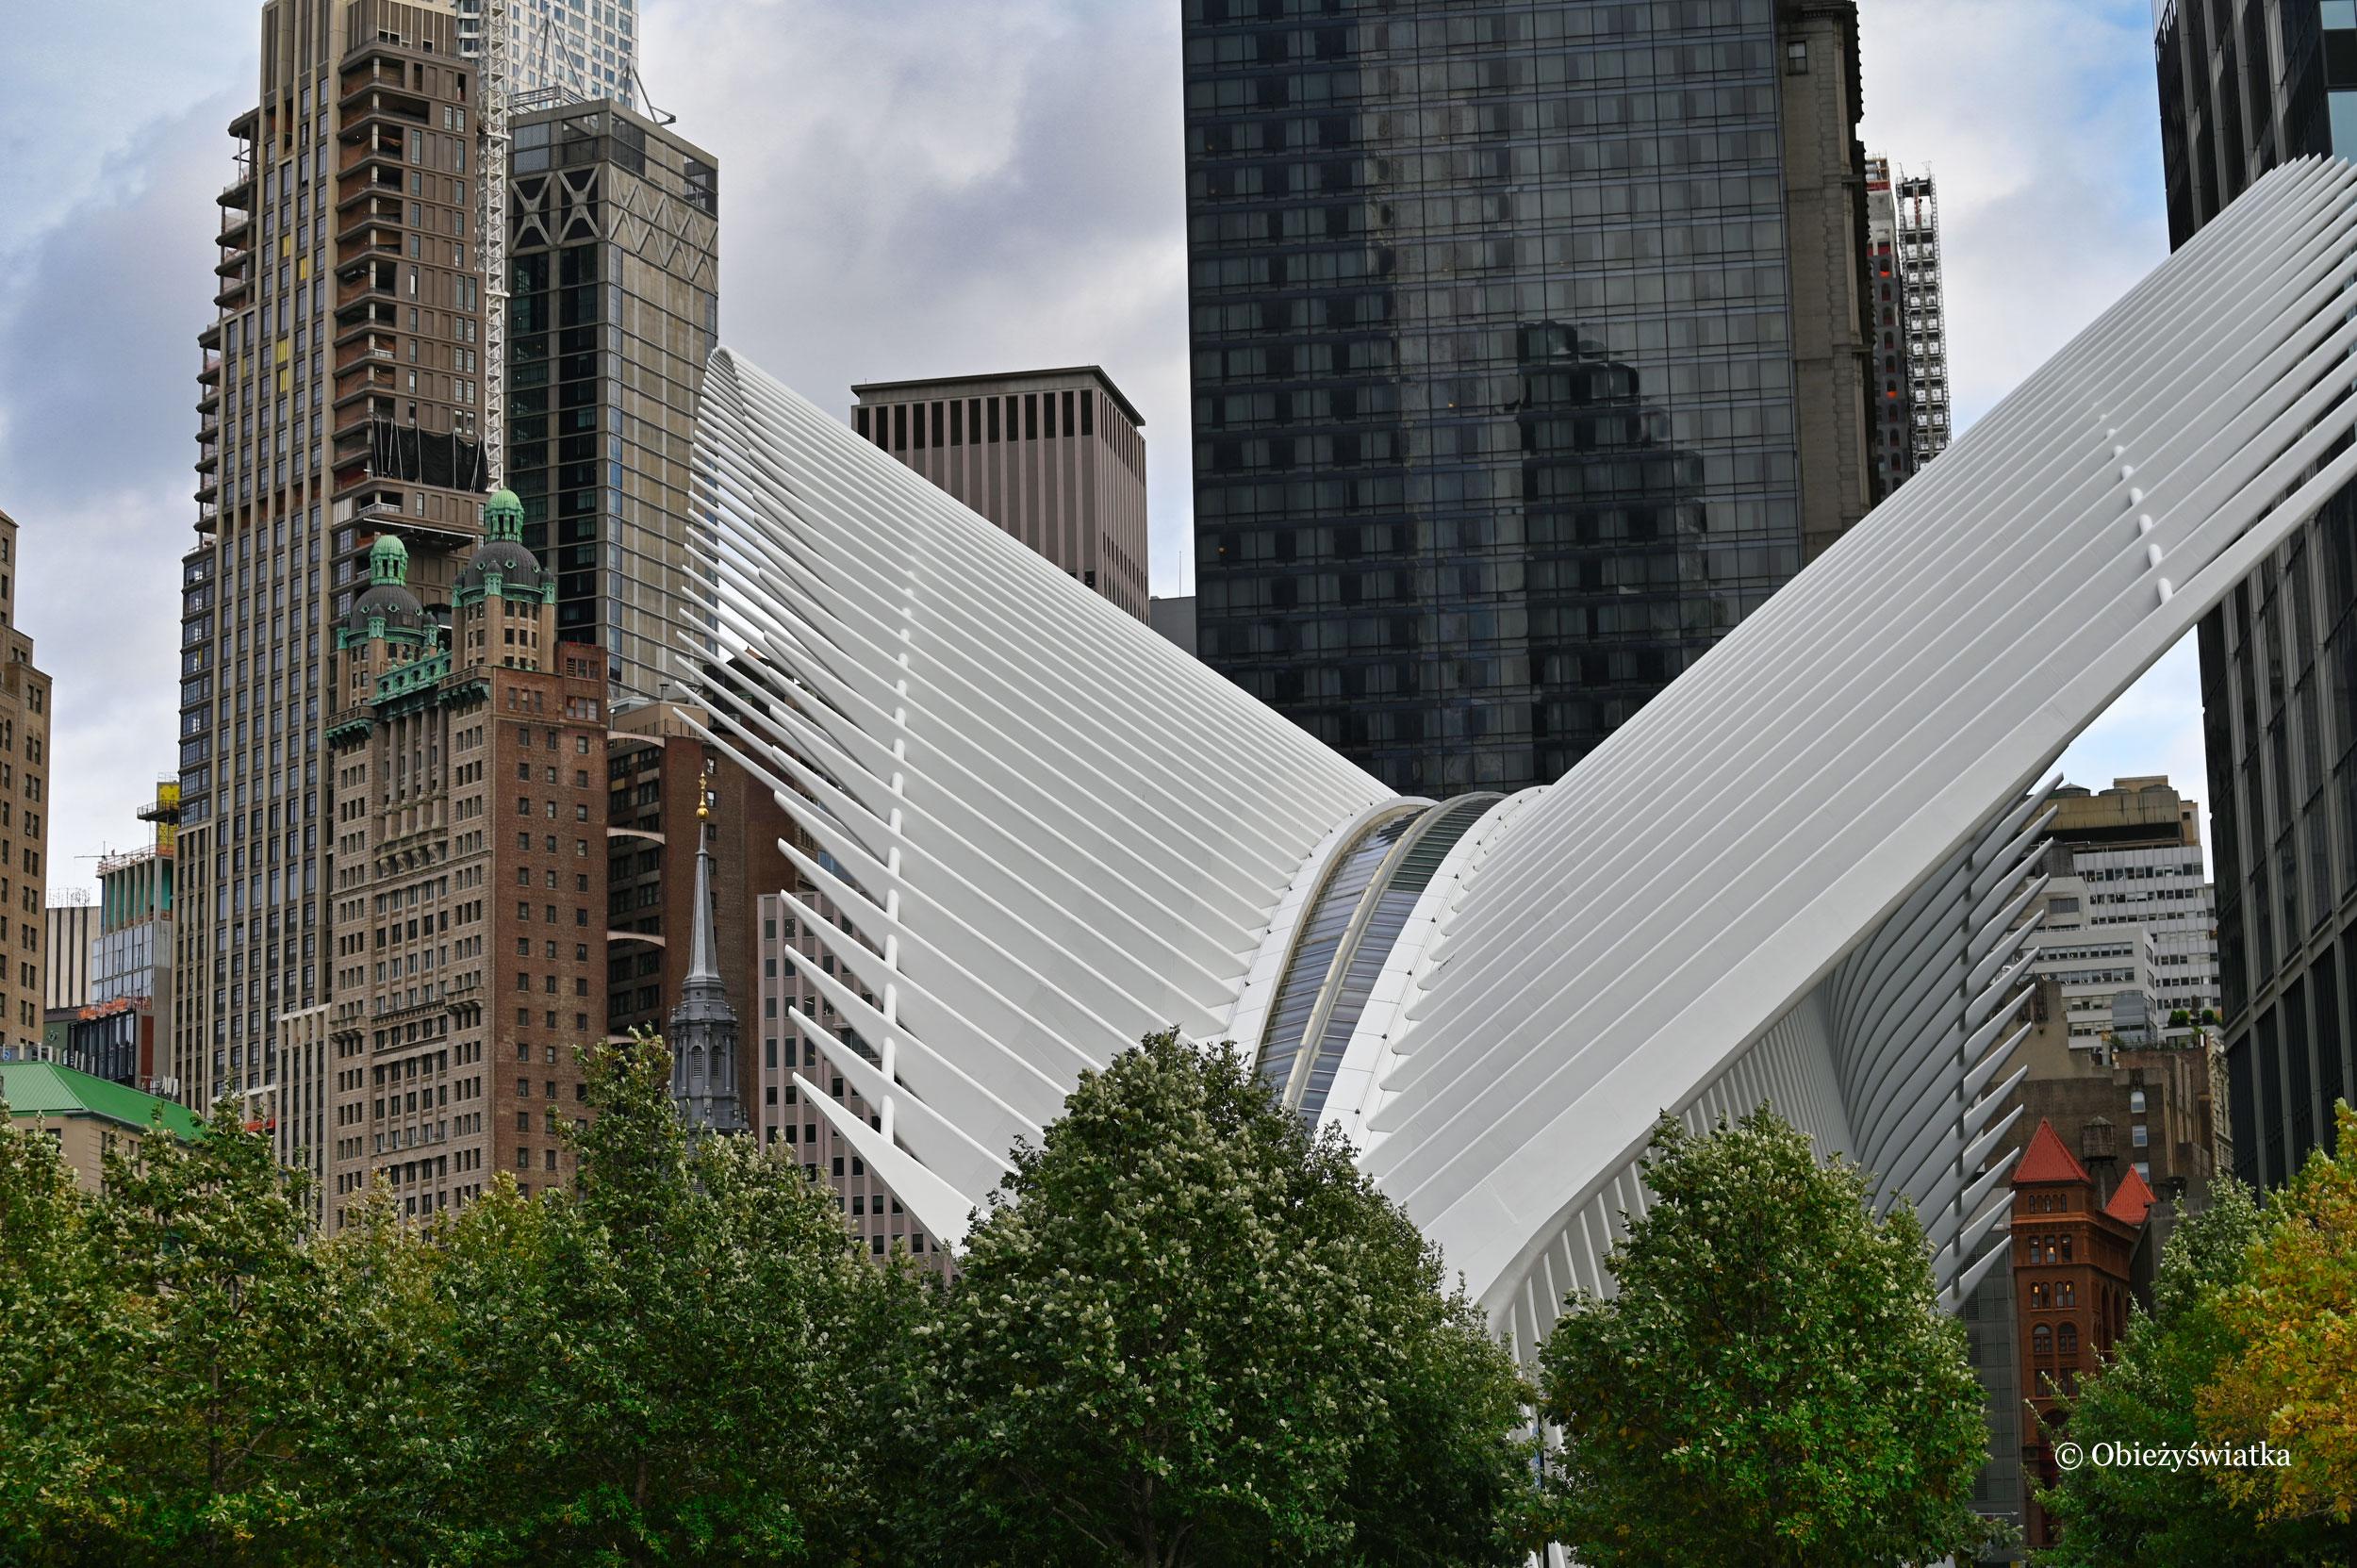 Szkieletowa konstrukcja dachu stacji metra przy World Trade Center, Nowy Jork